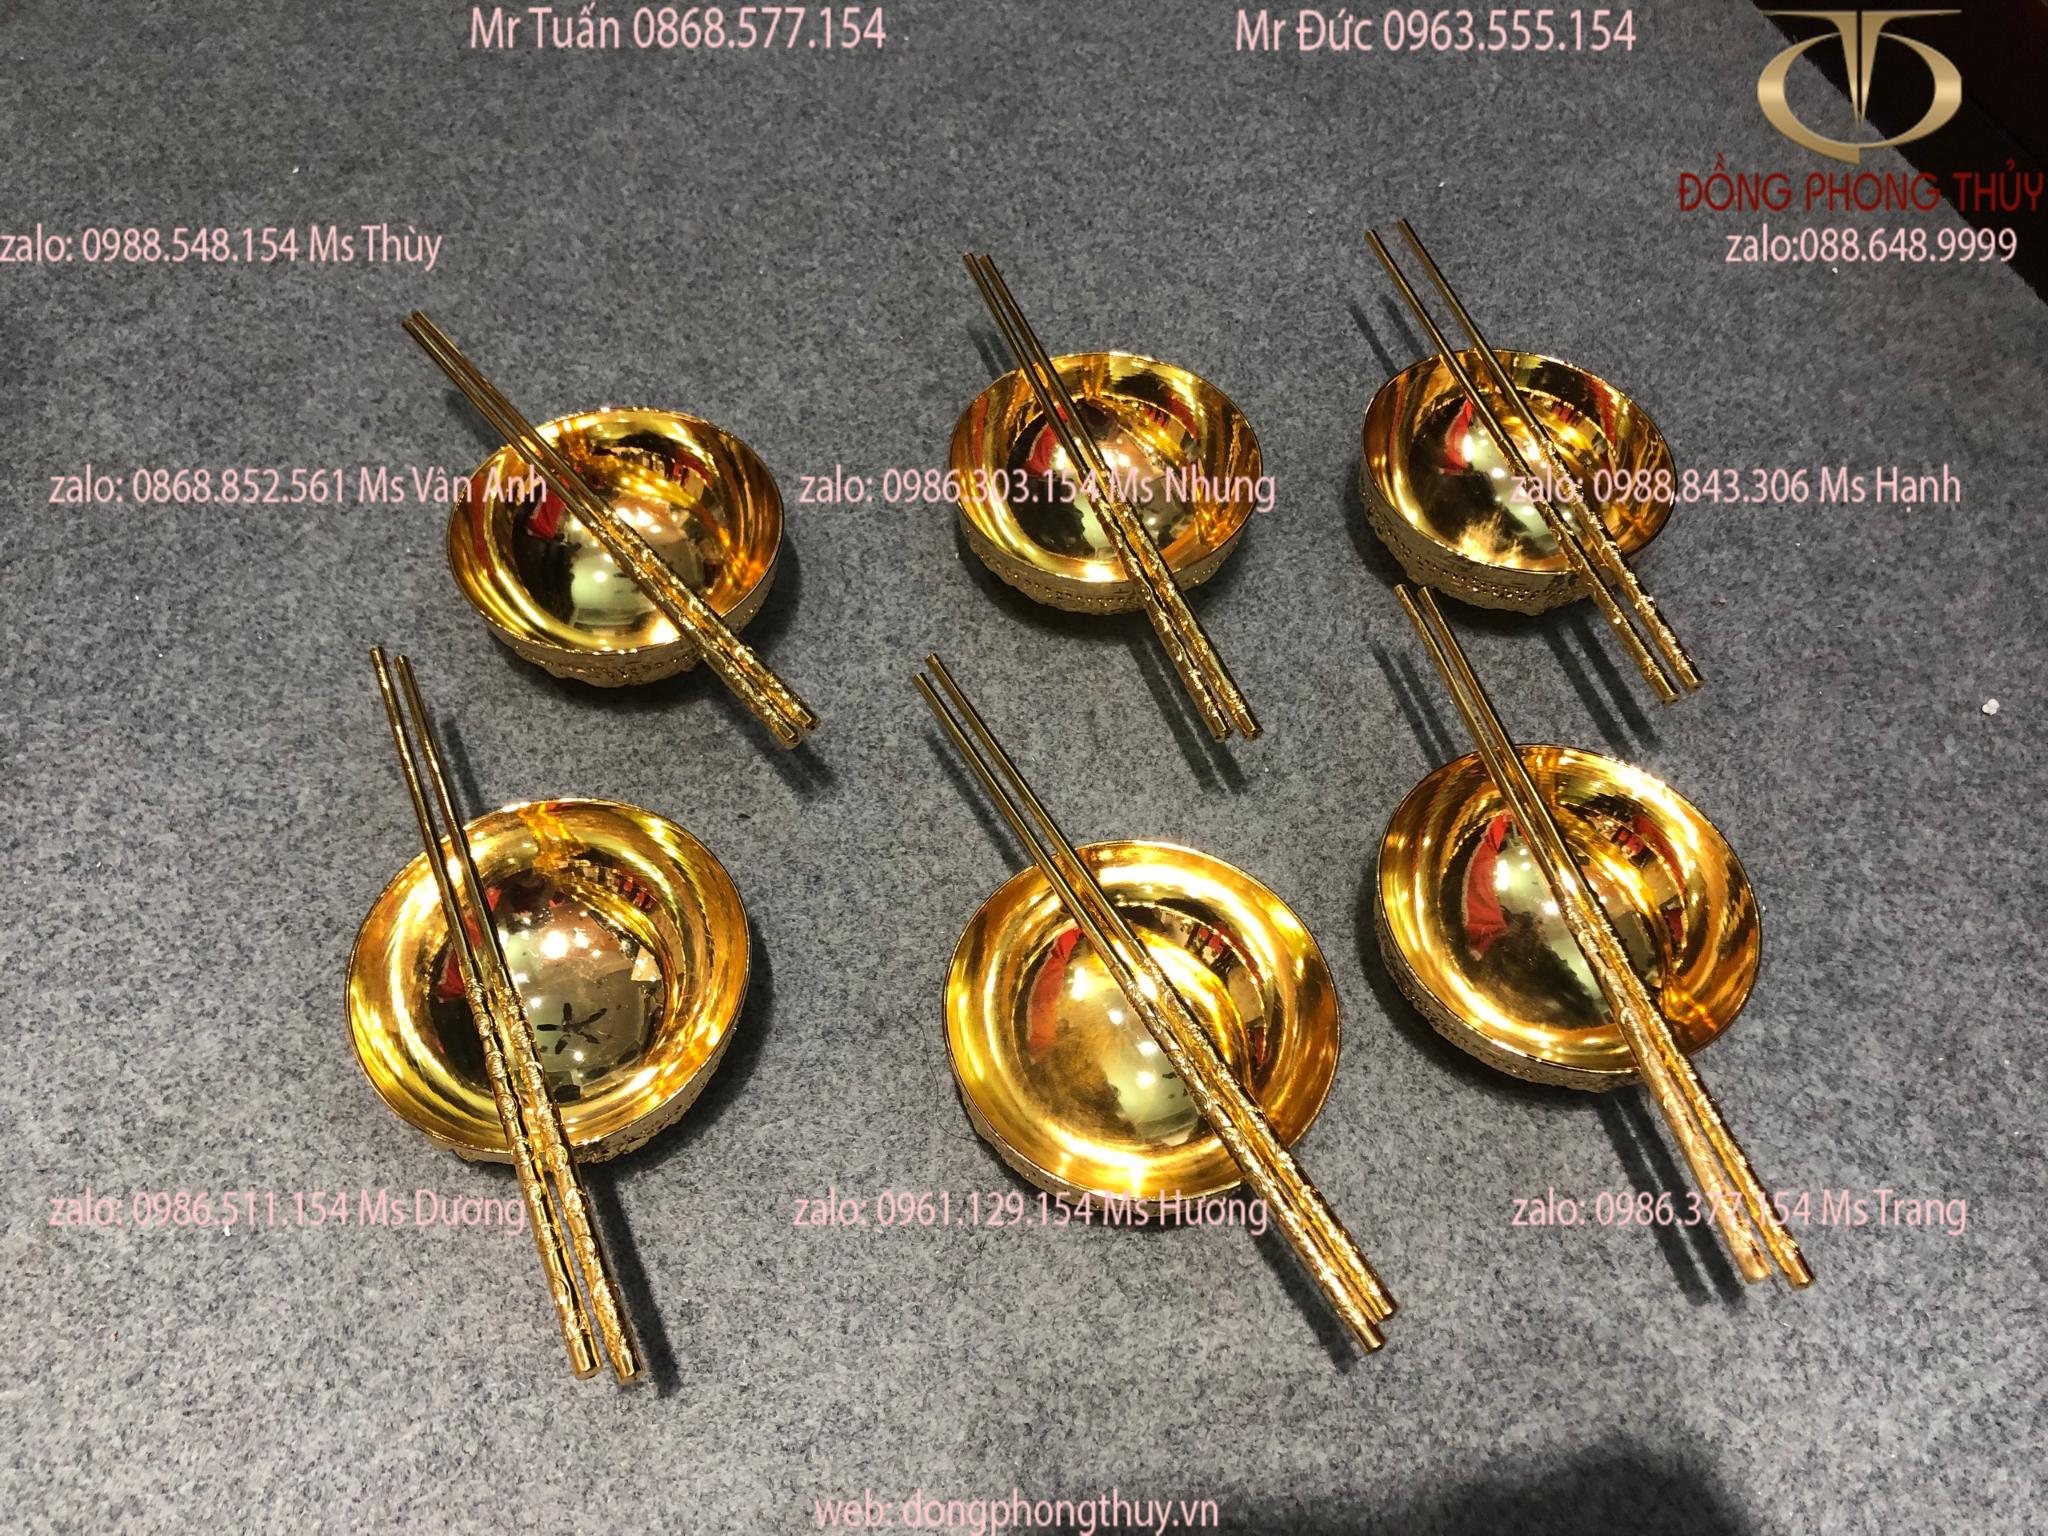 Bộ 6 bát đũa bằng đồng mạ vàng 24k